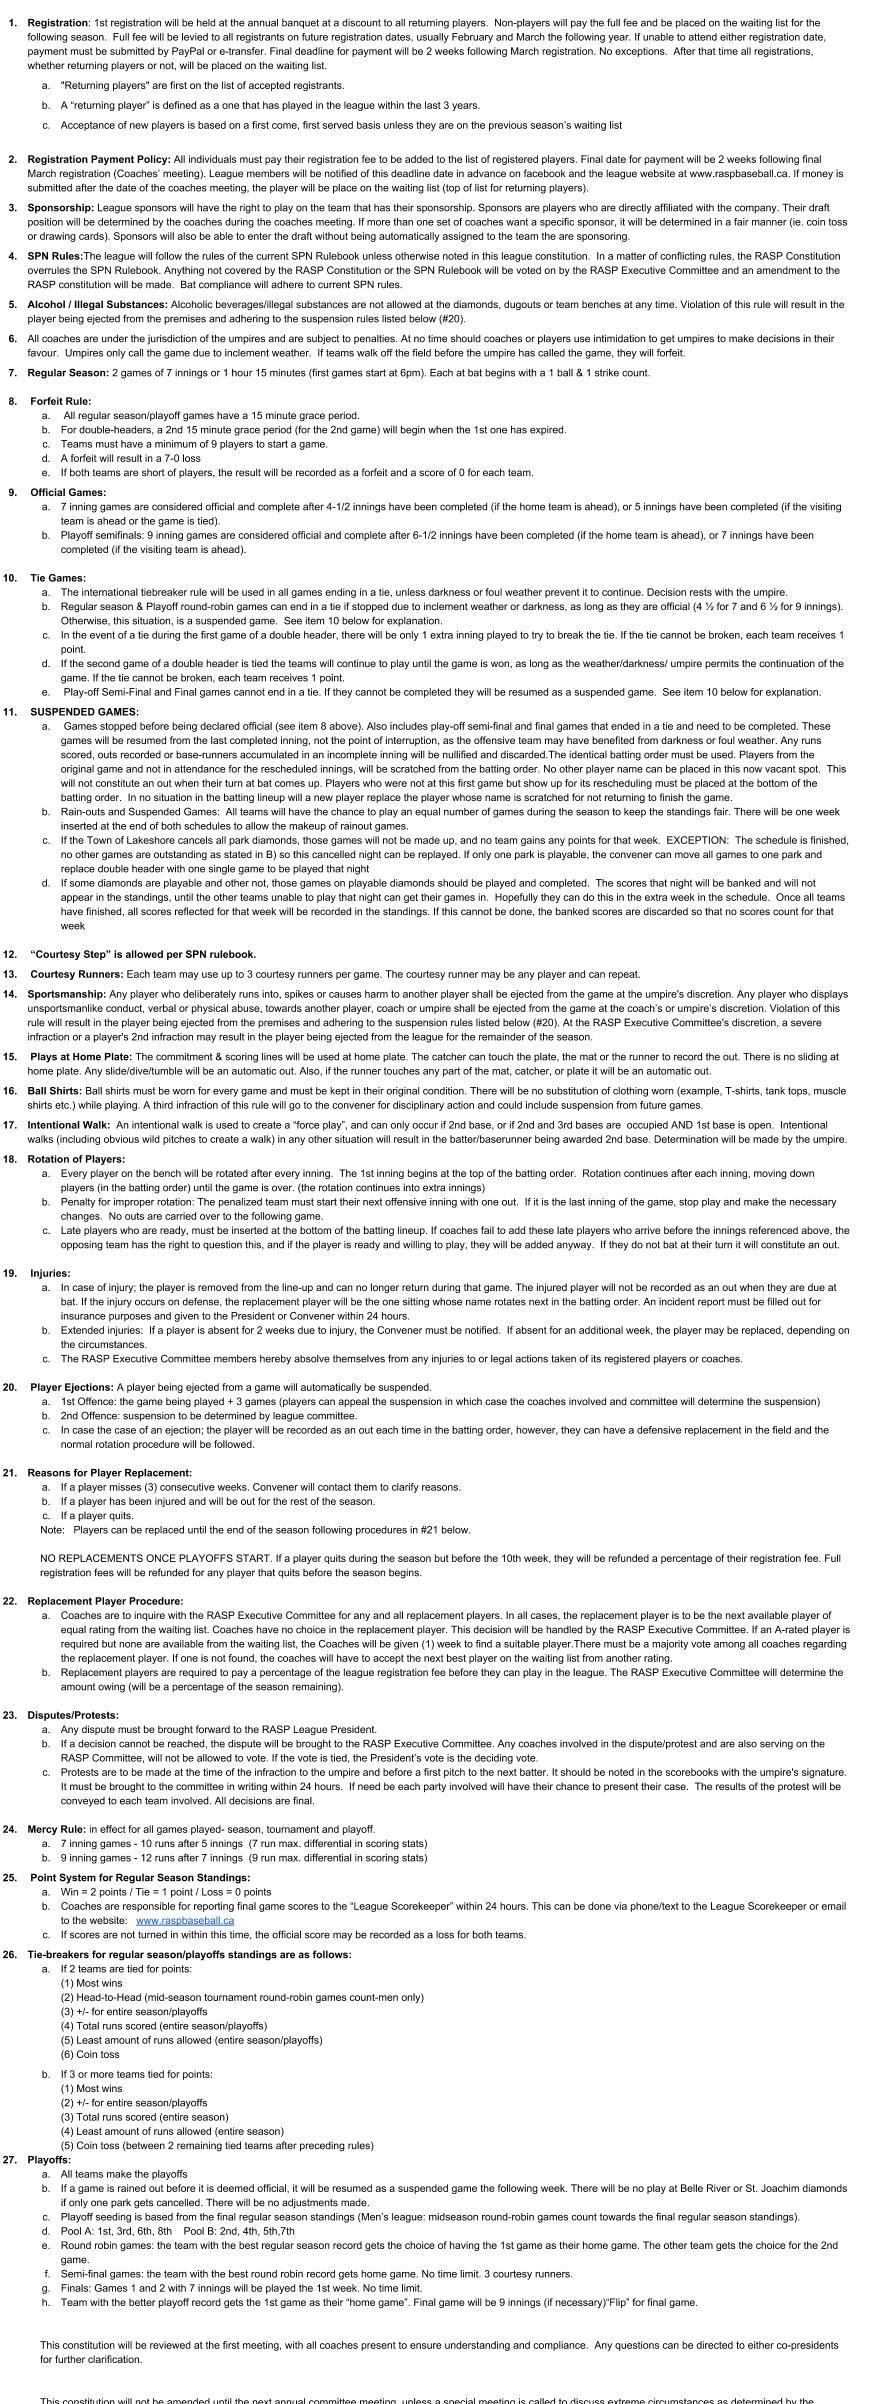 Constitution for website.jpg